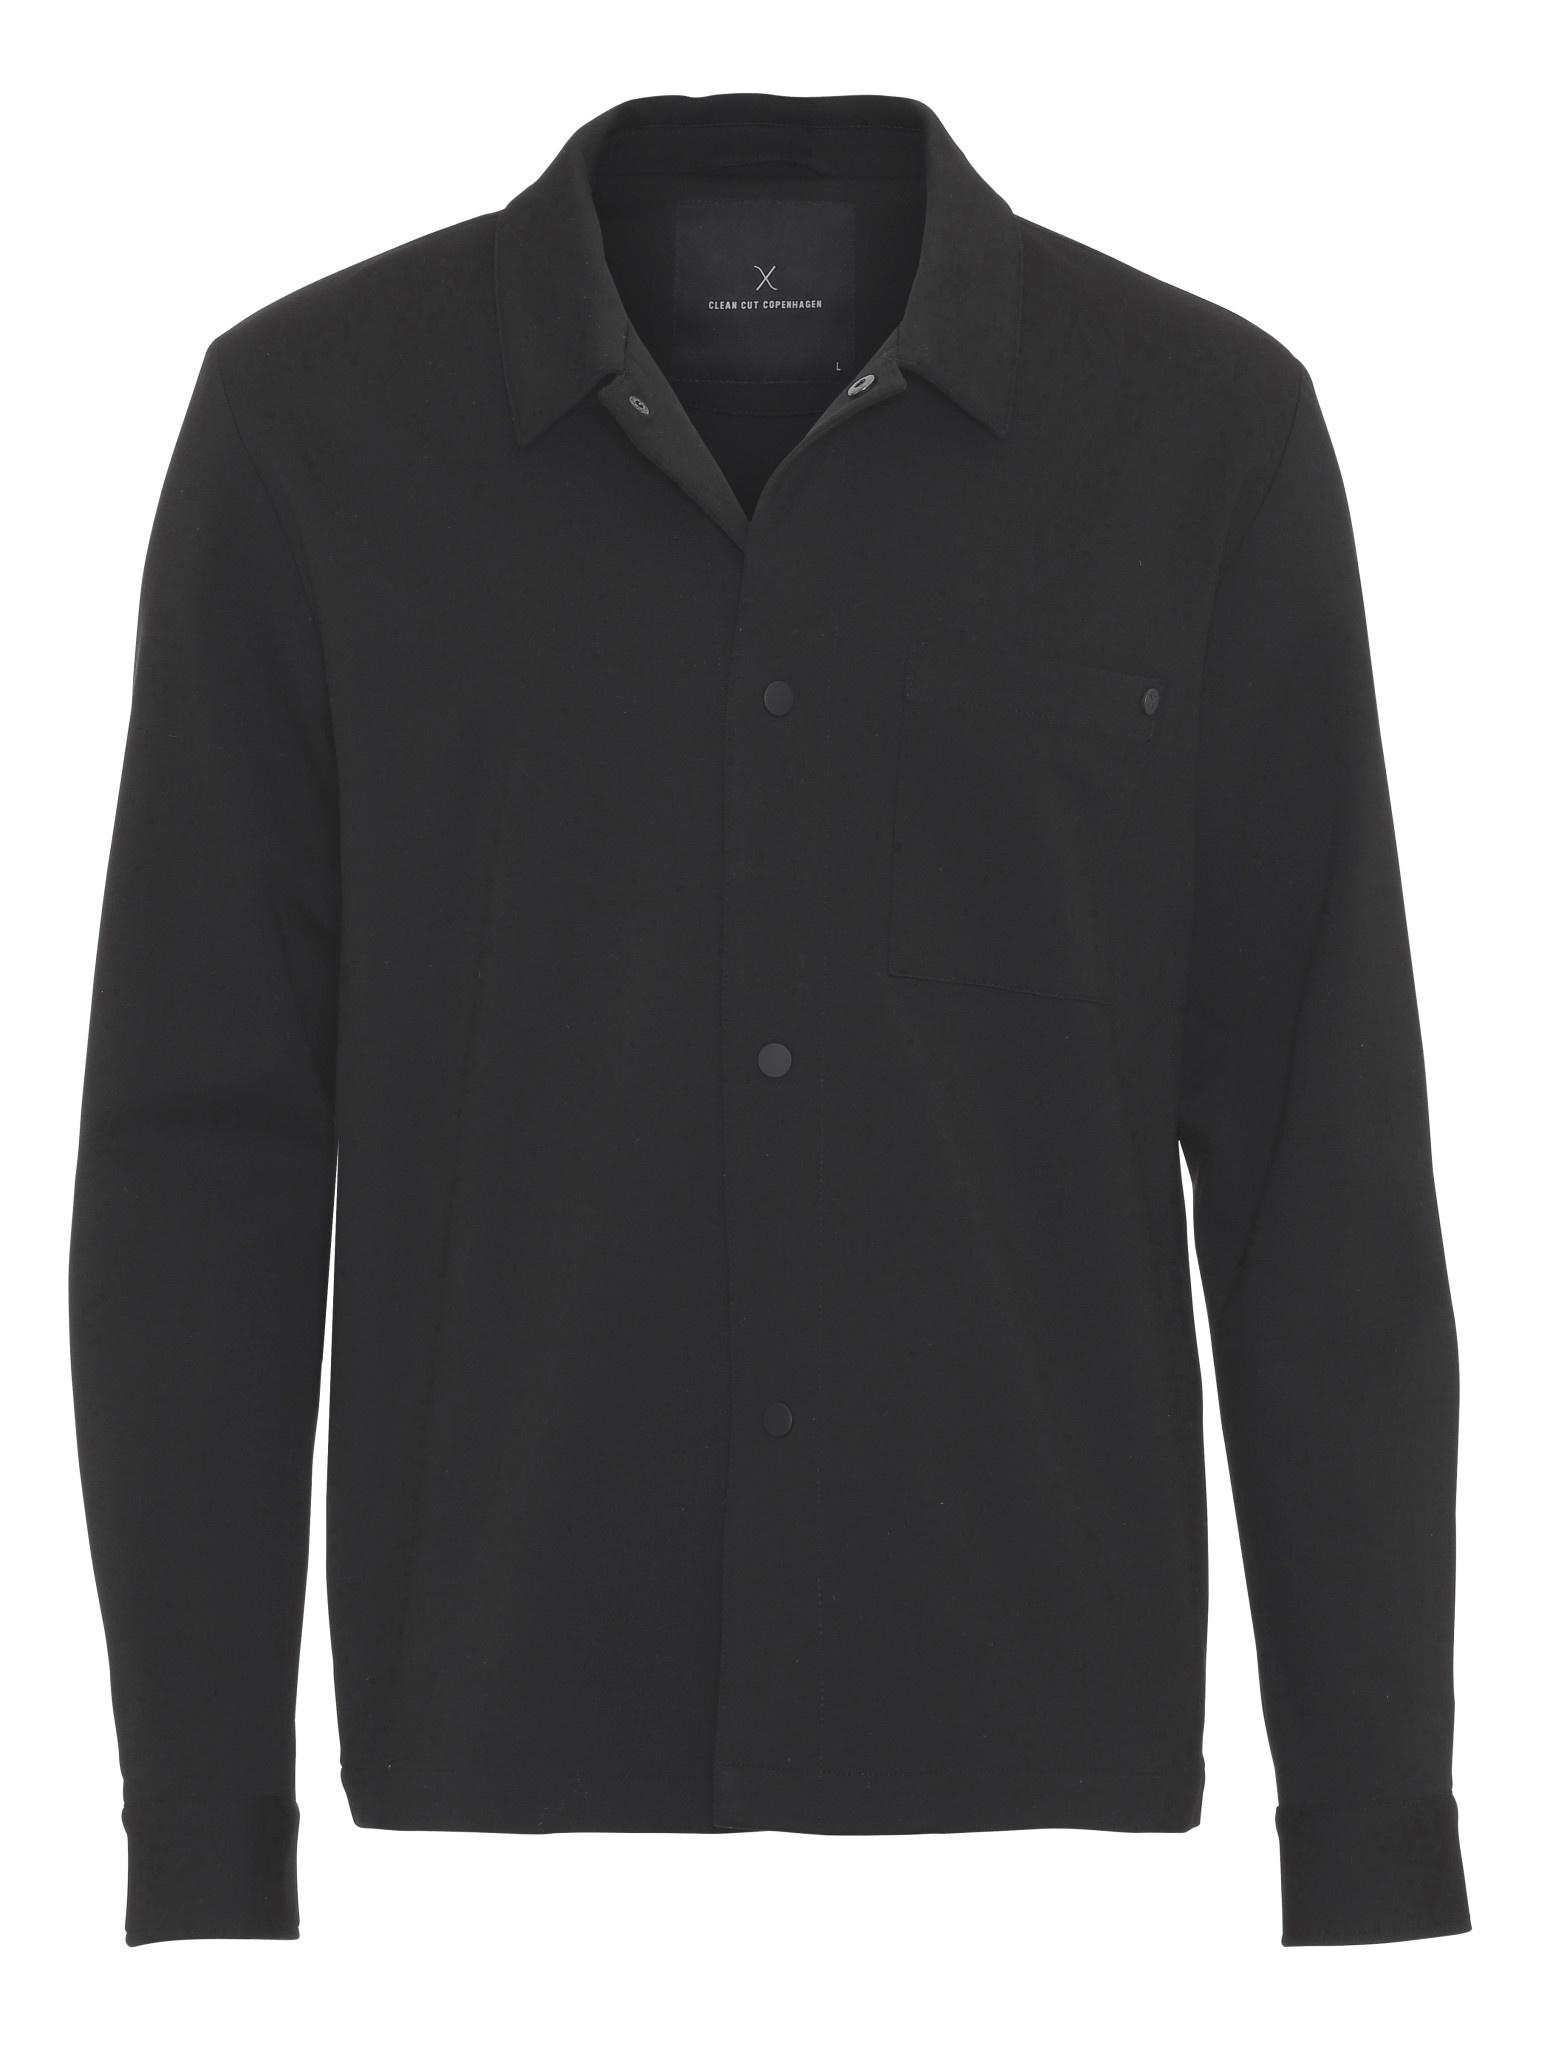 Clean Cut Clean Cut Alexander overshirt Black